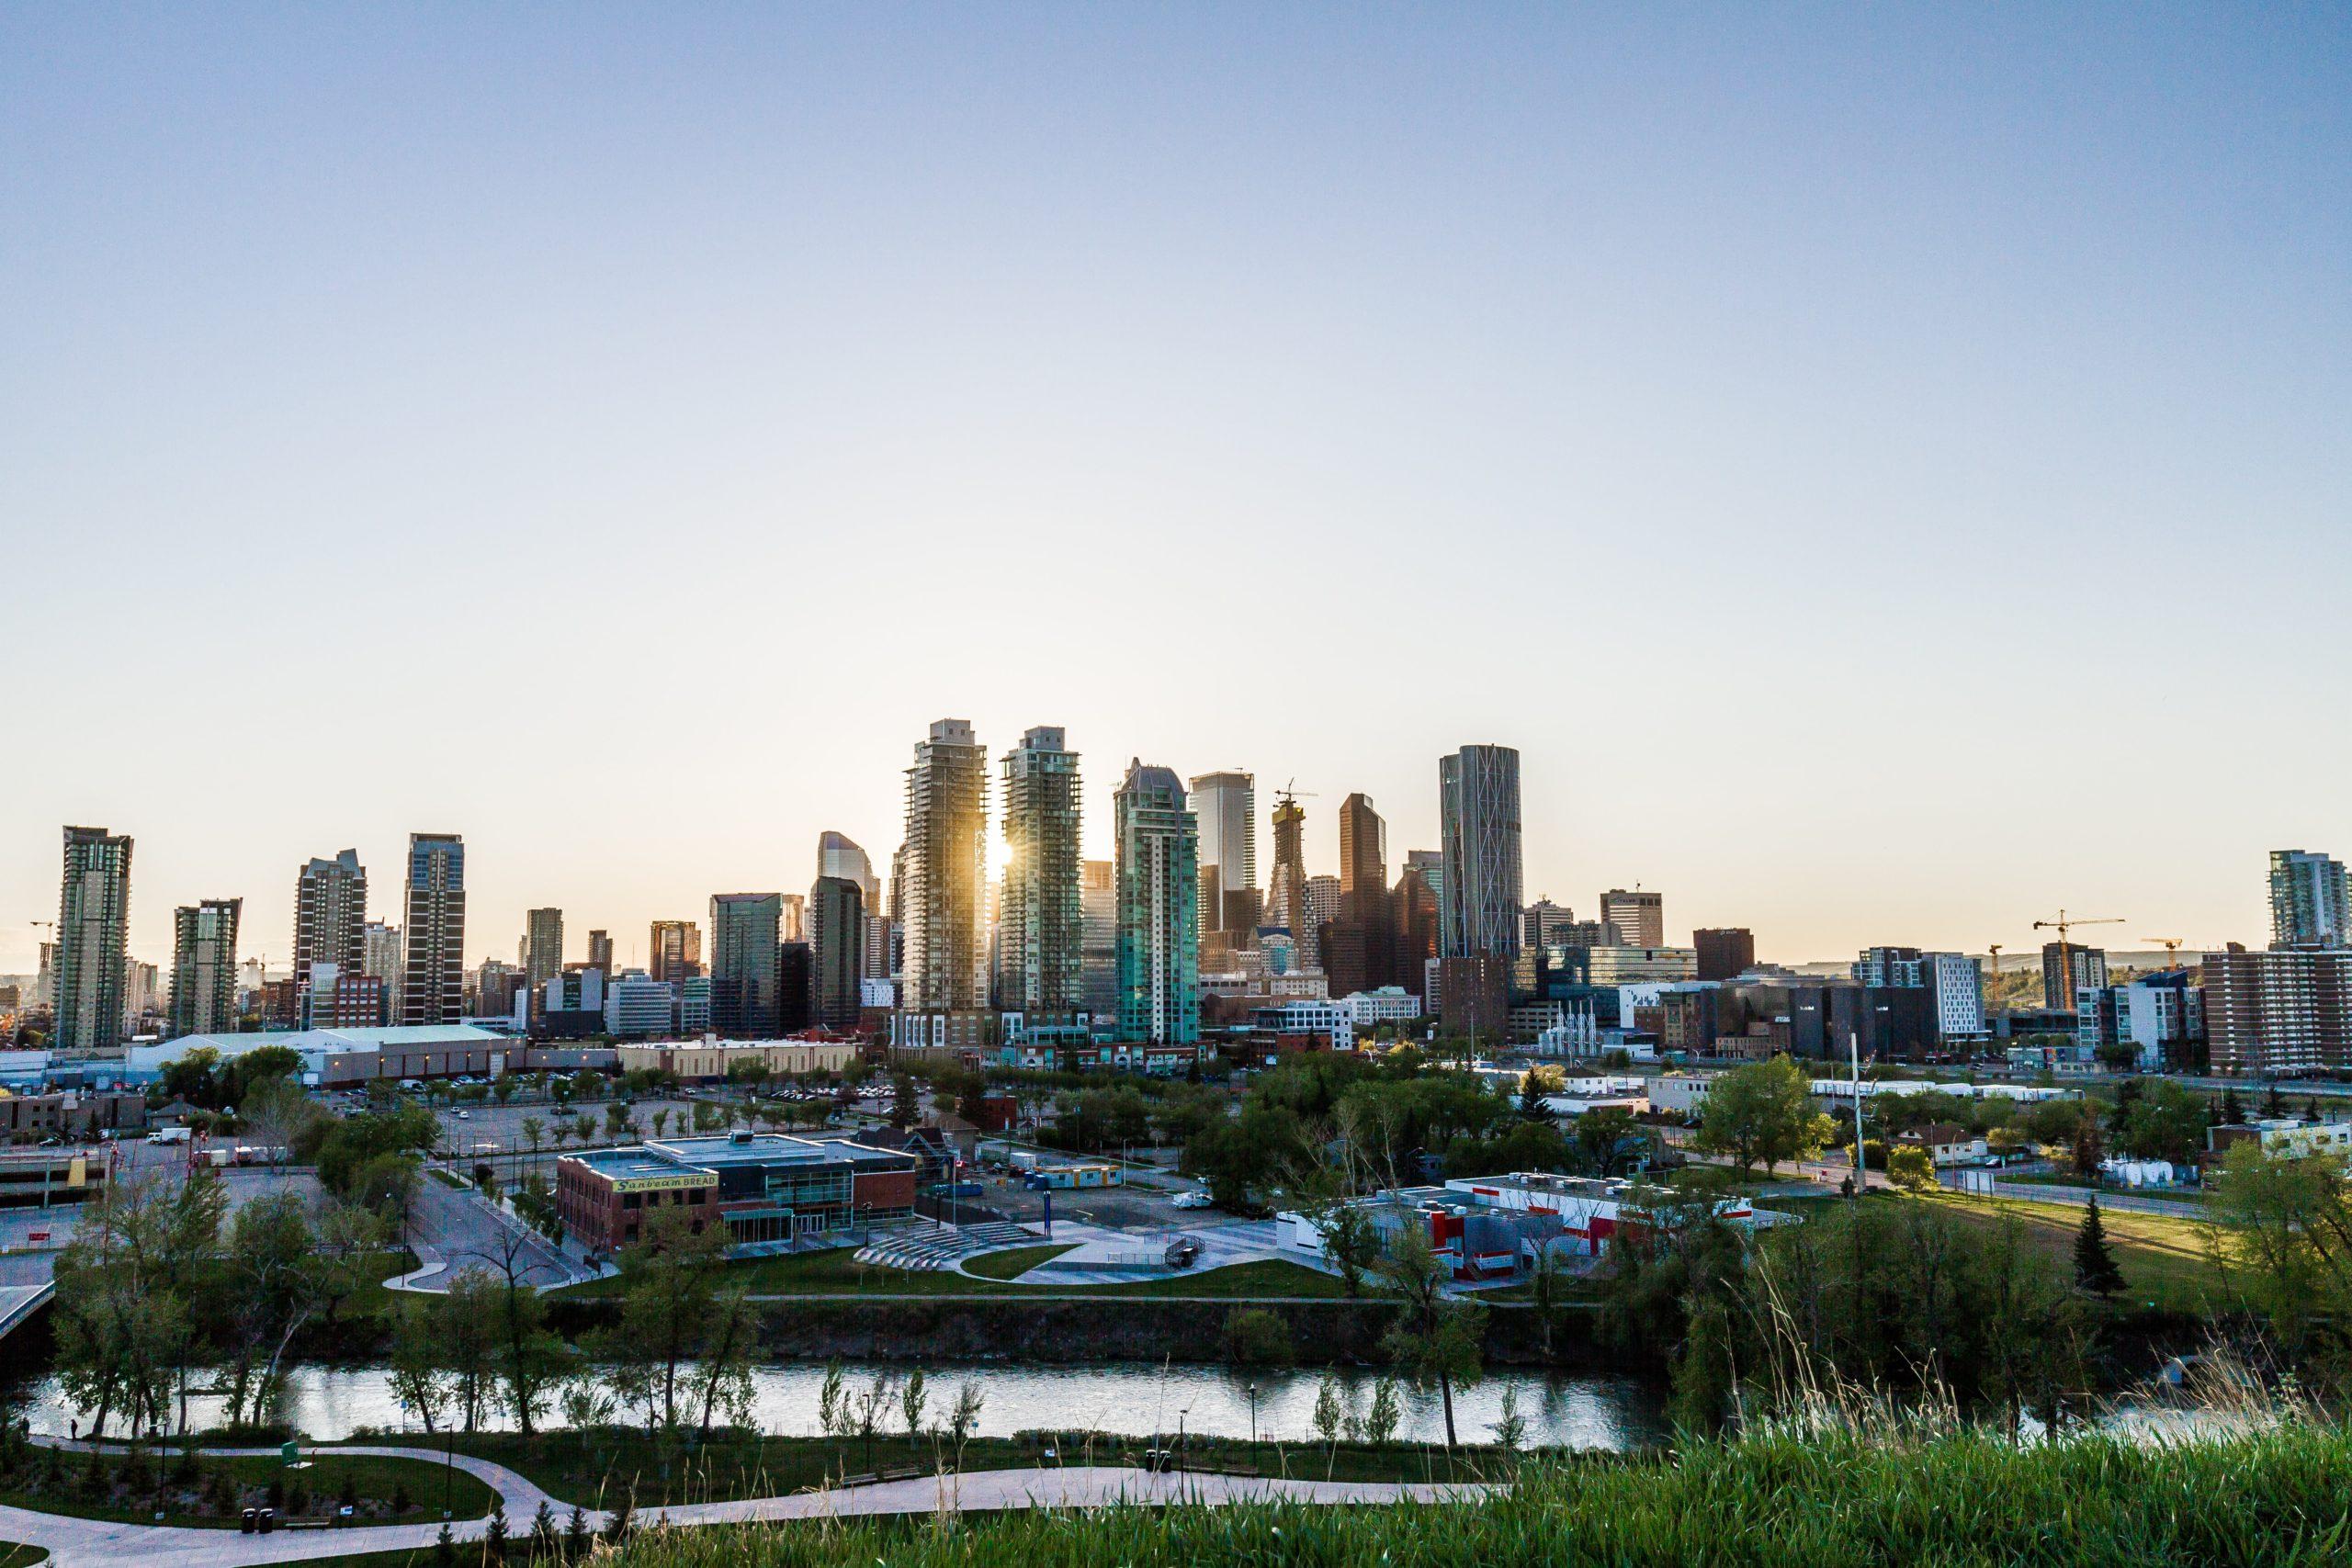 Auslandspraktikum in Calgary